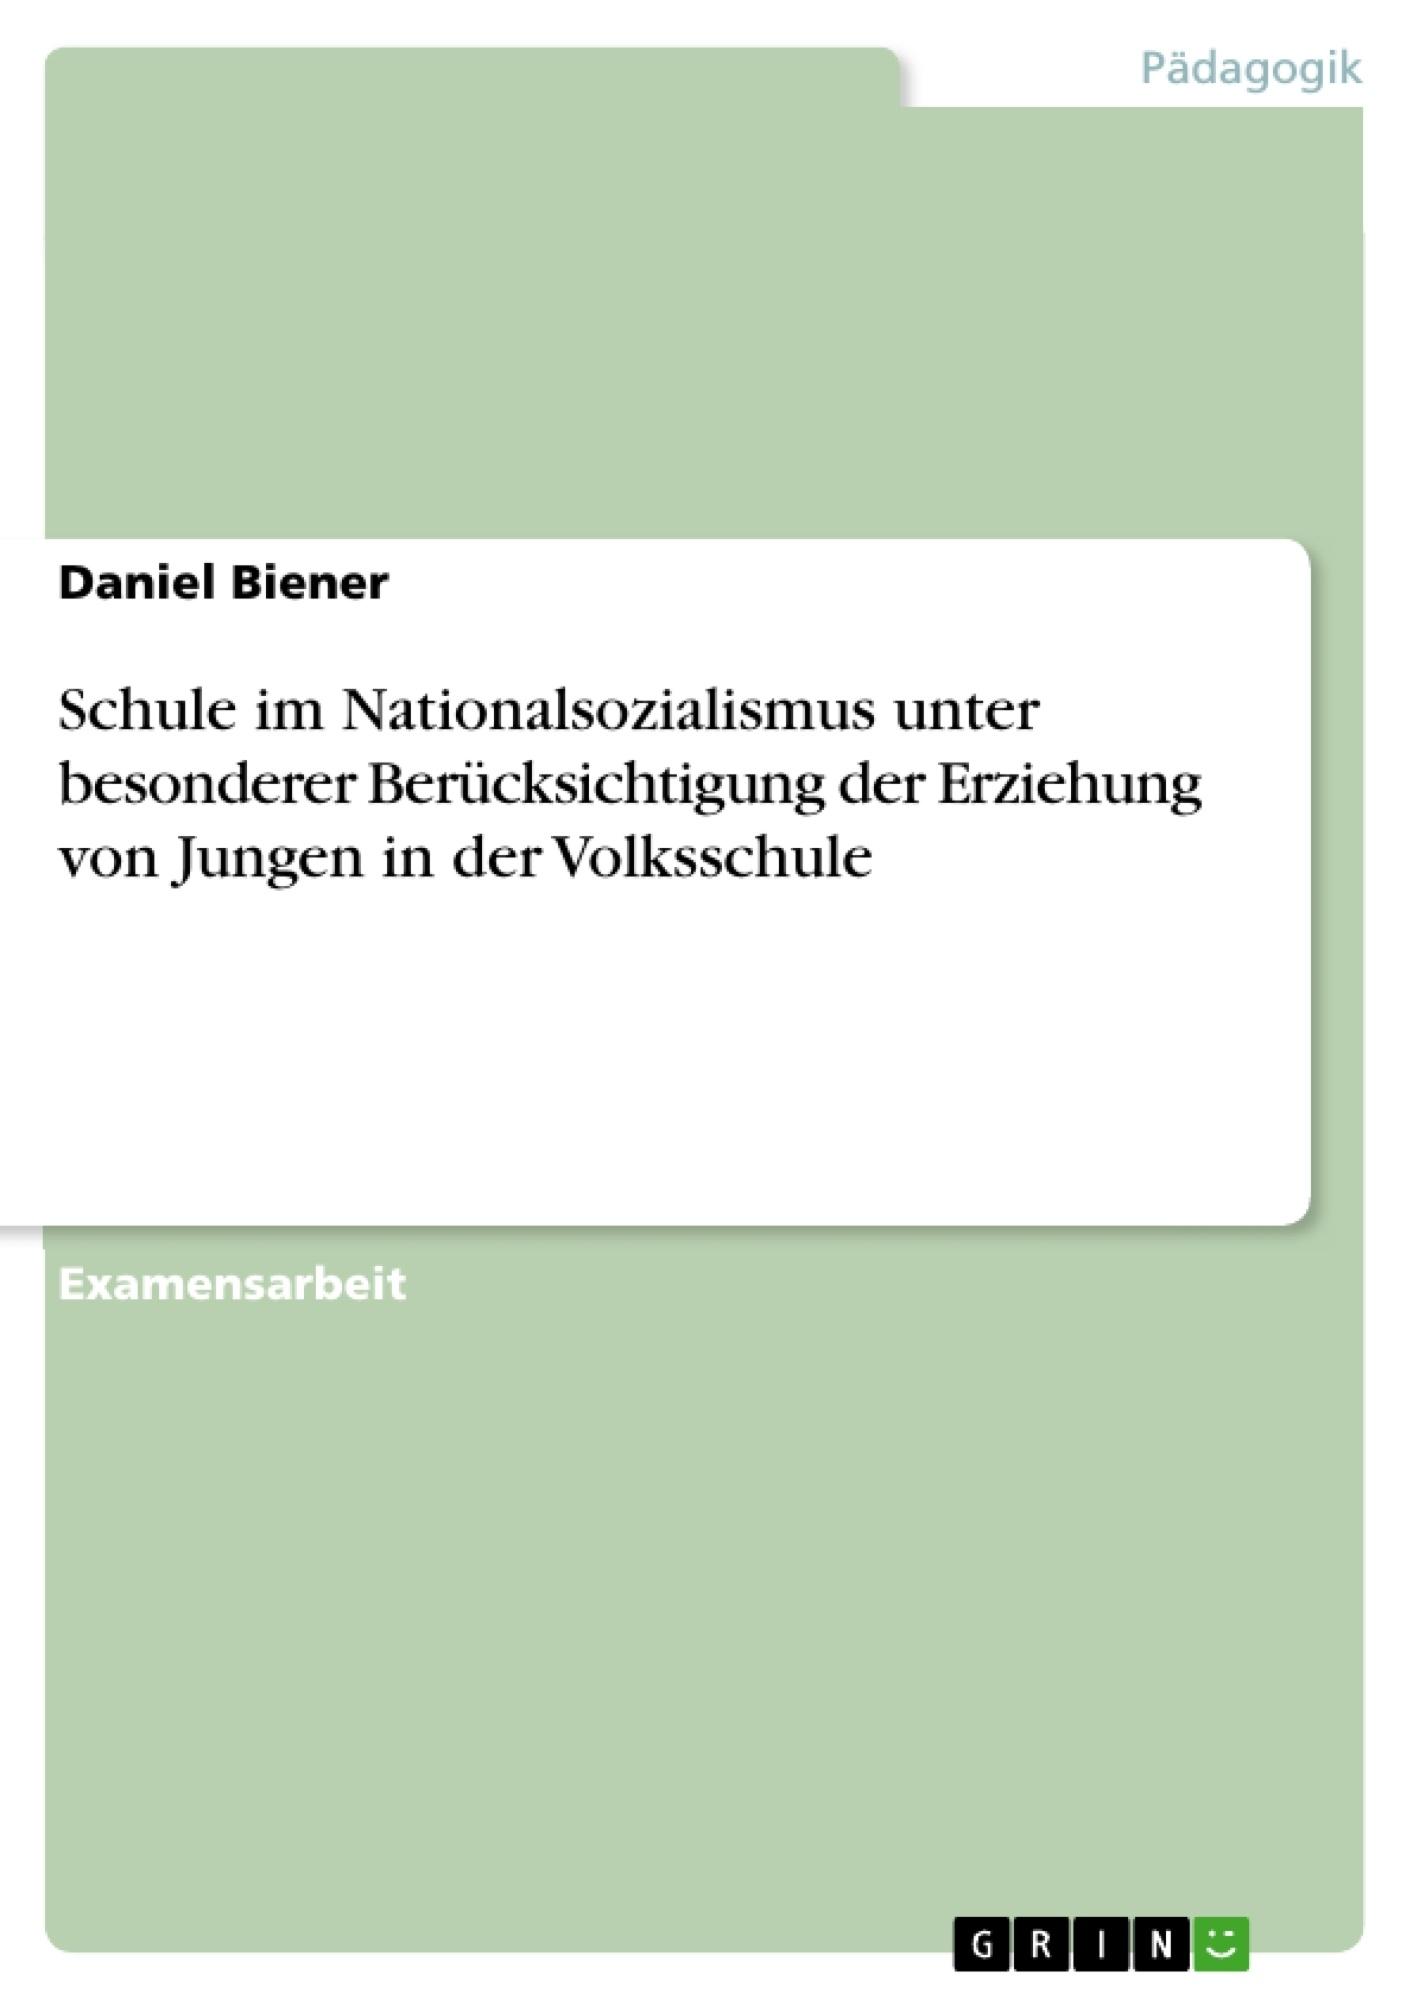 Titel: Schule im Nationalsozialismus unter besonderer Berücksichtigung der Erziehung von Jungen in der Volksschule